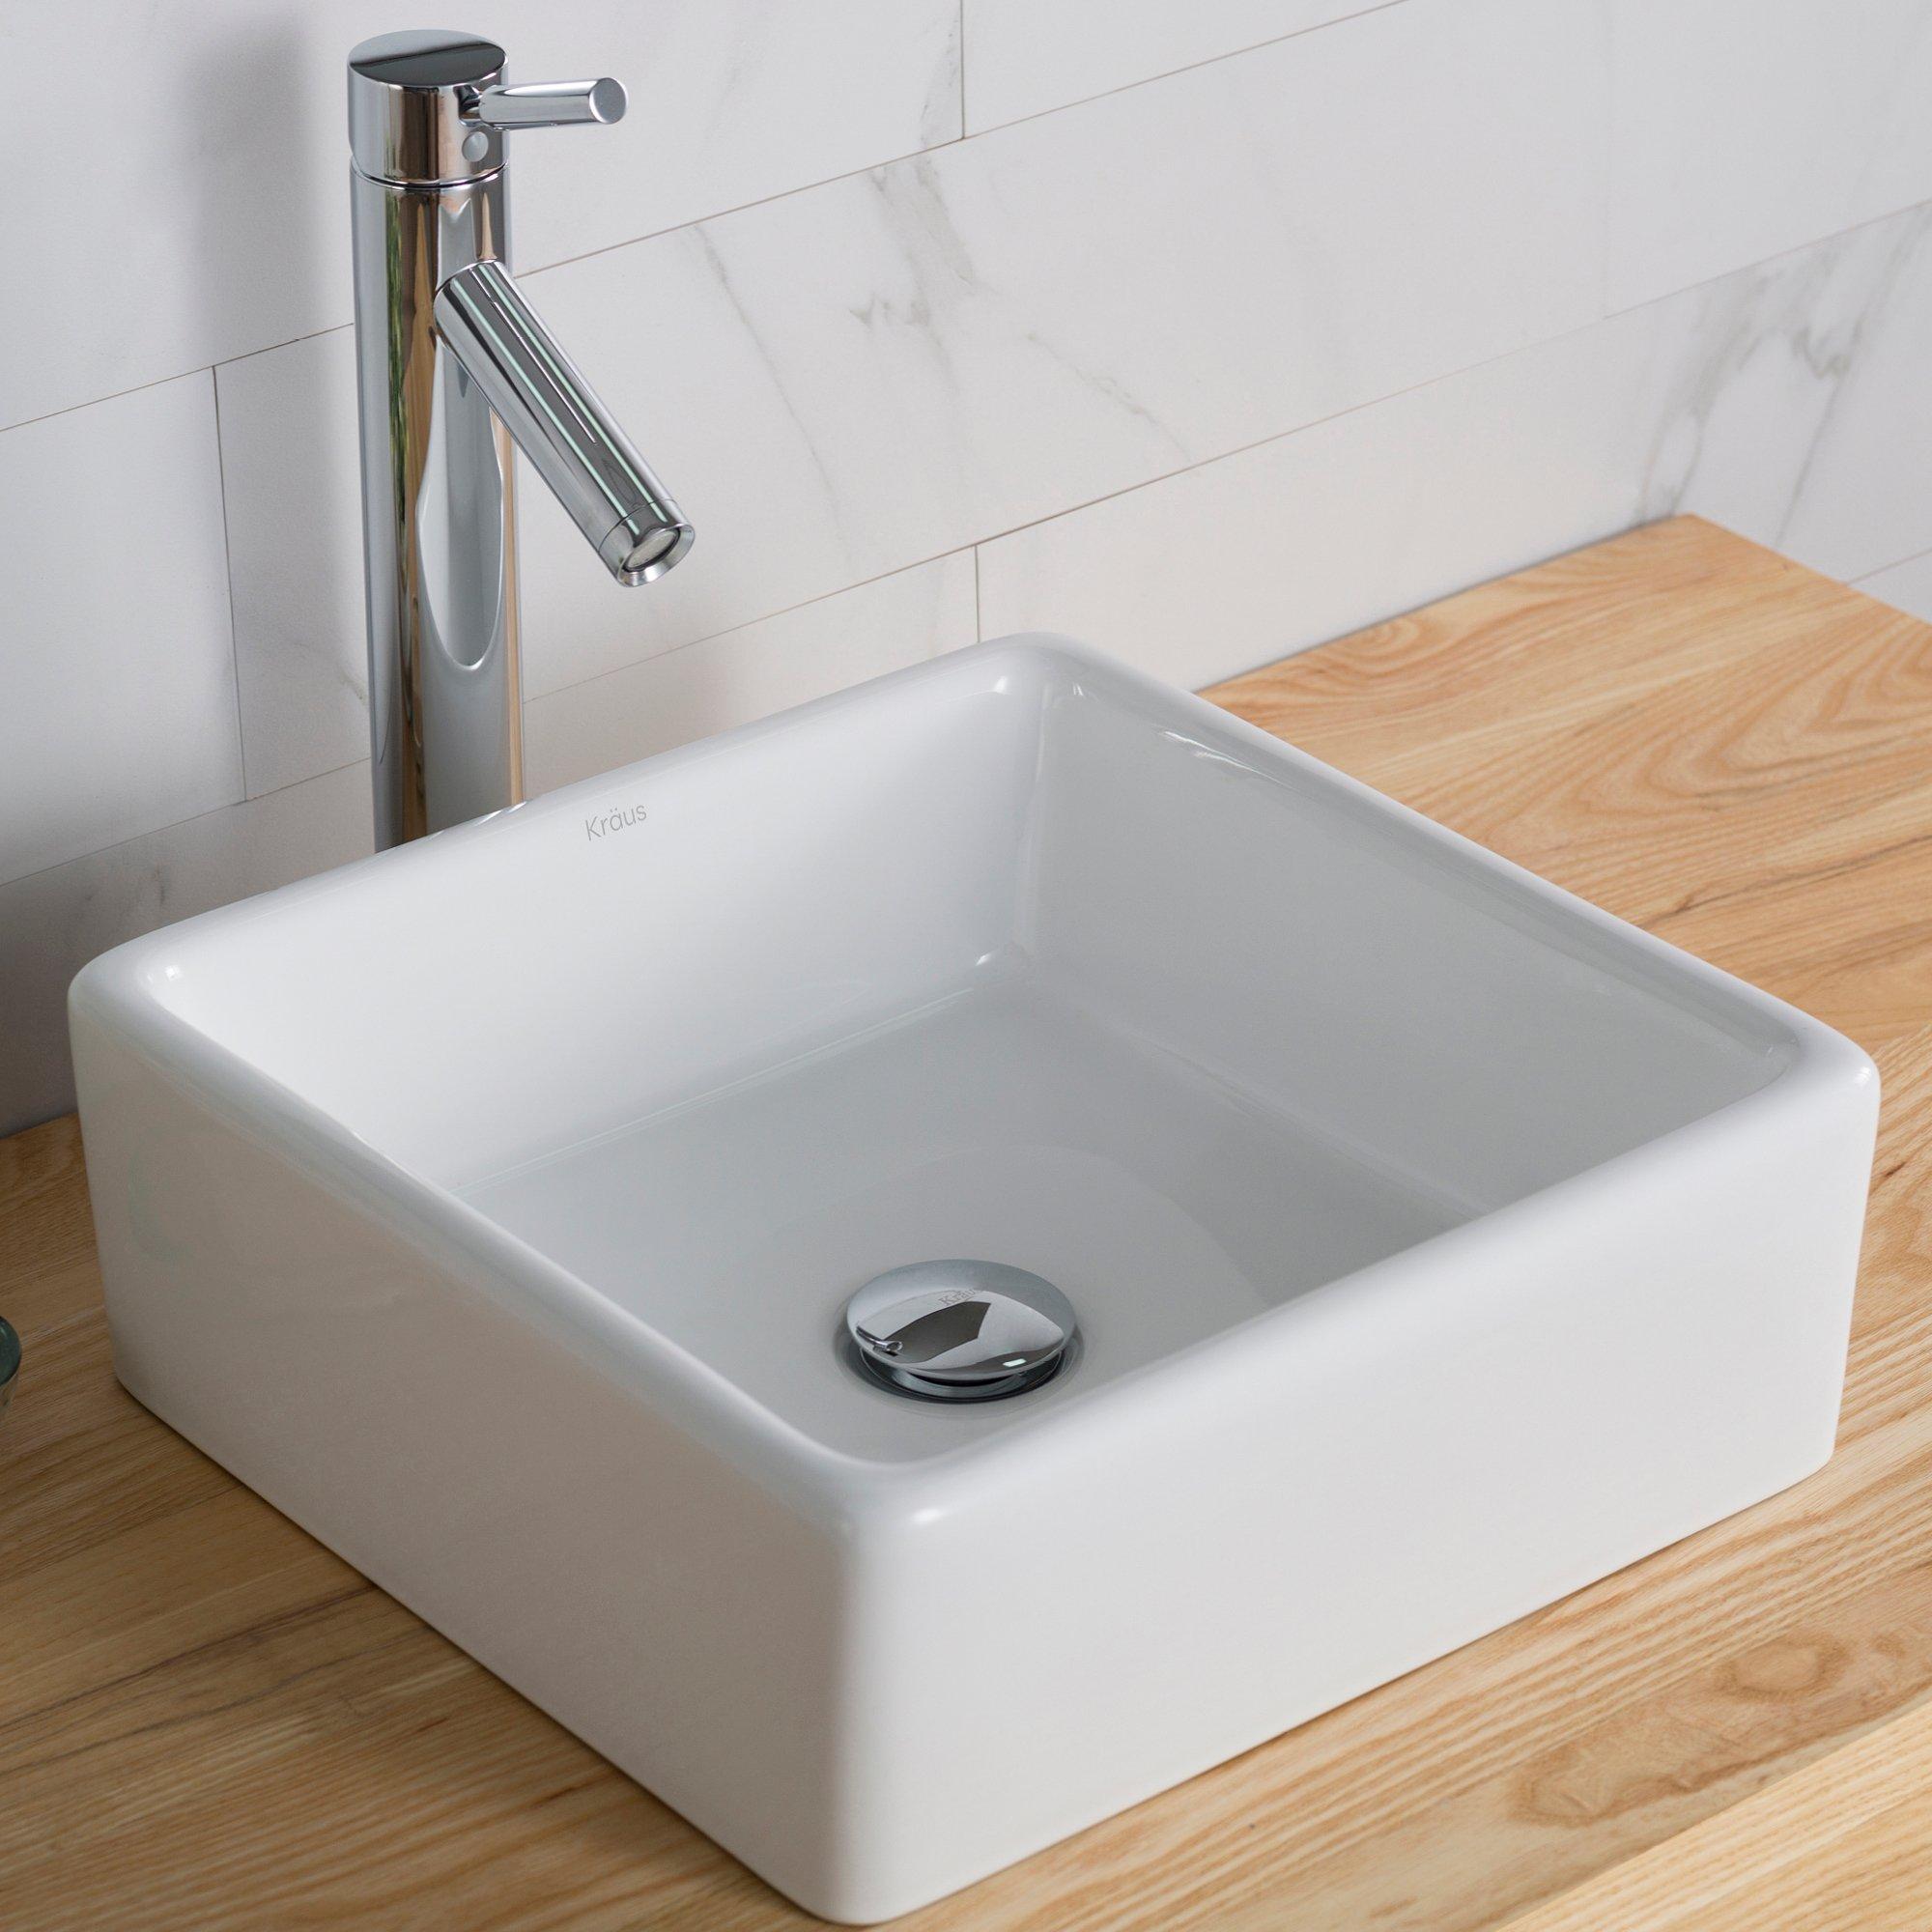 Kraus KCV-120 White Square Ceramic Bathroom Sink